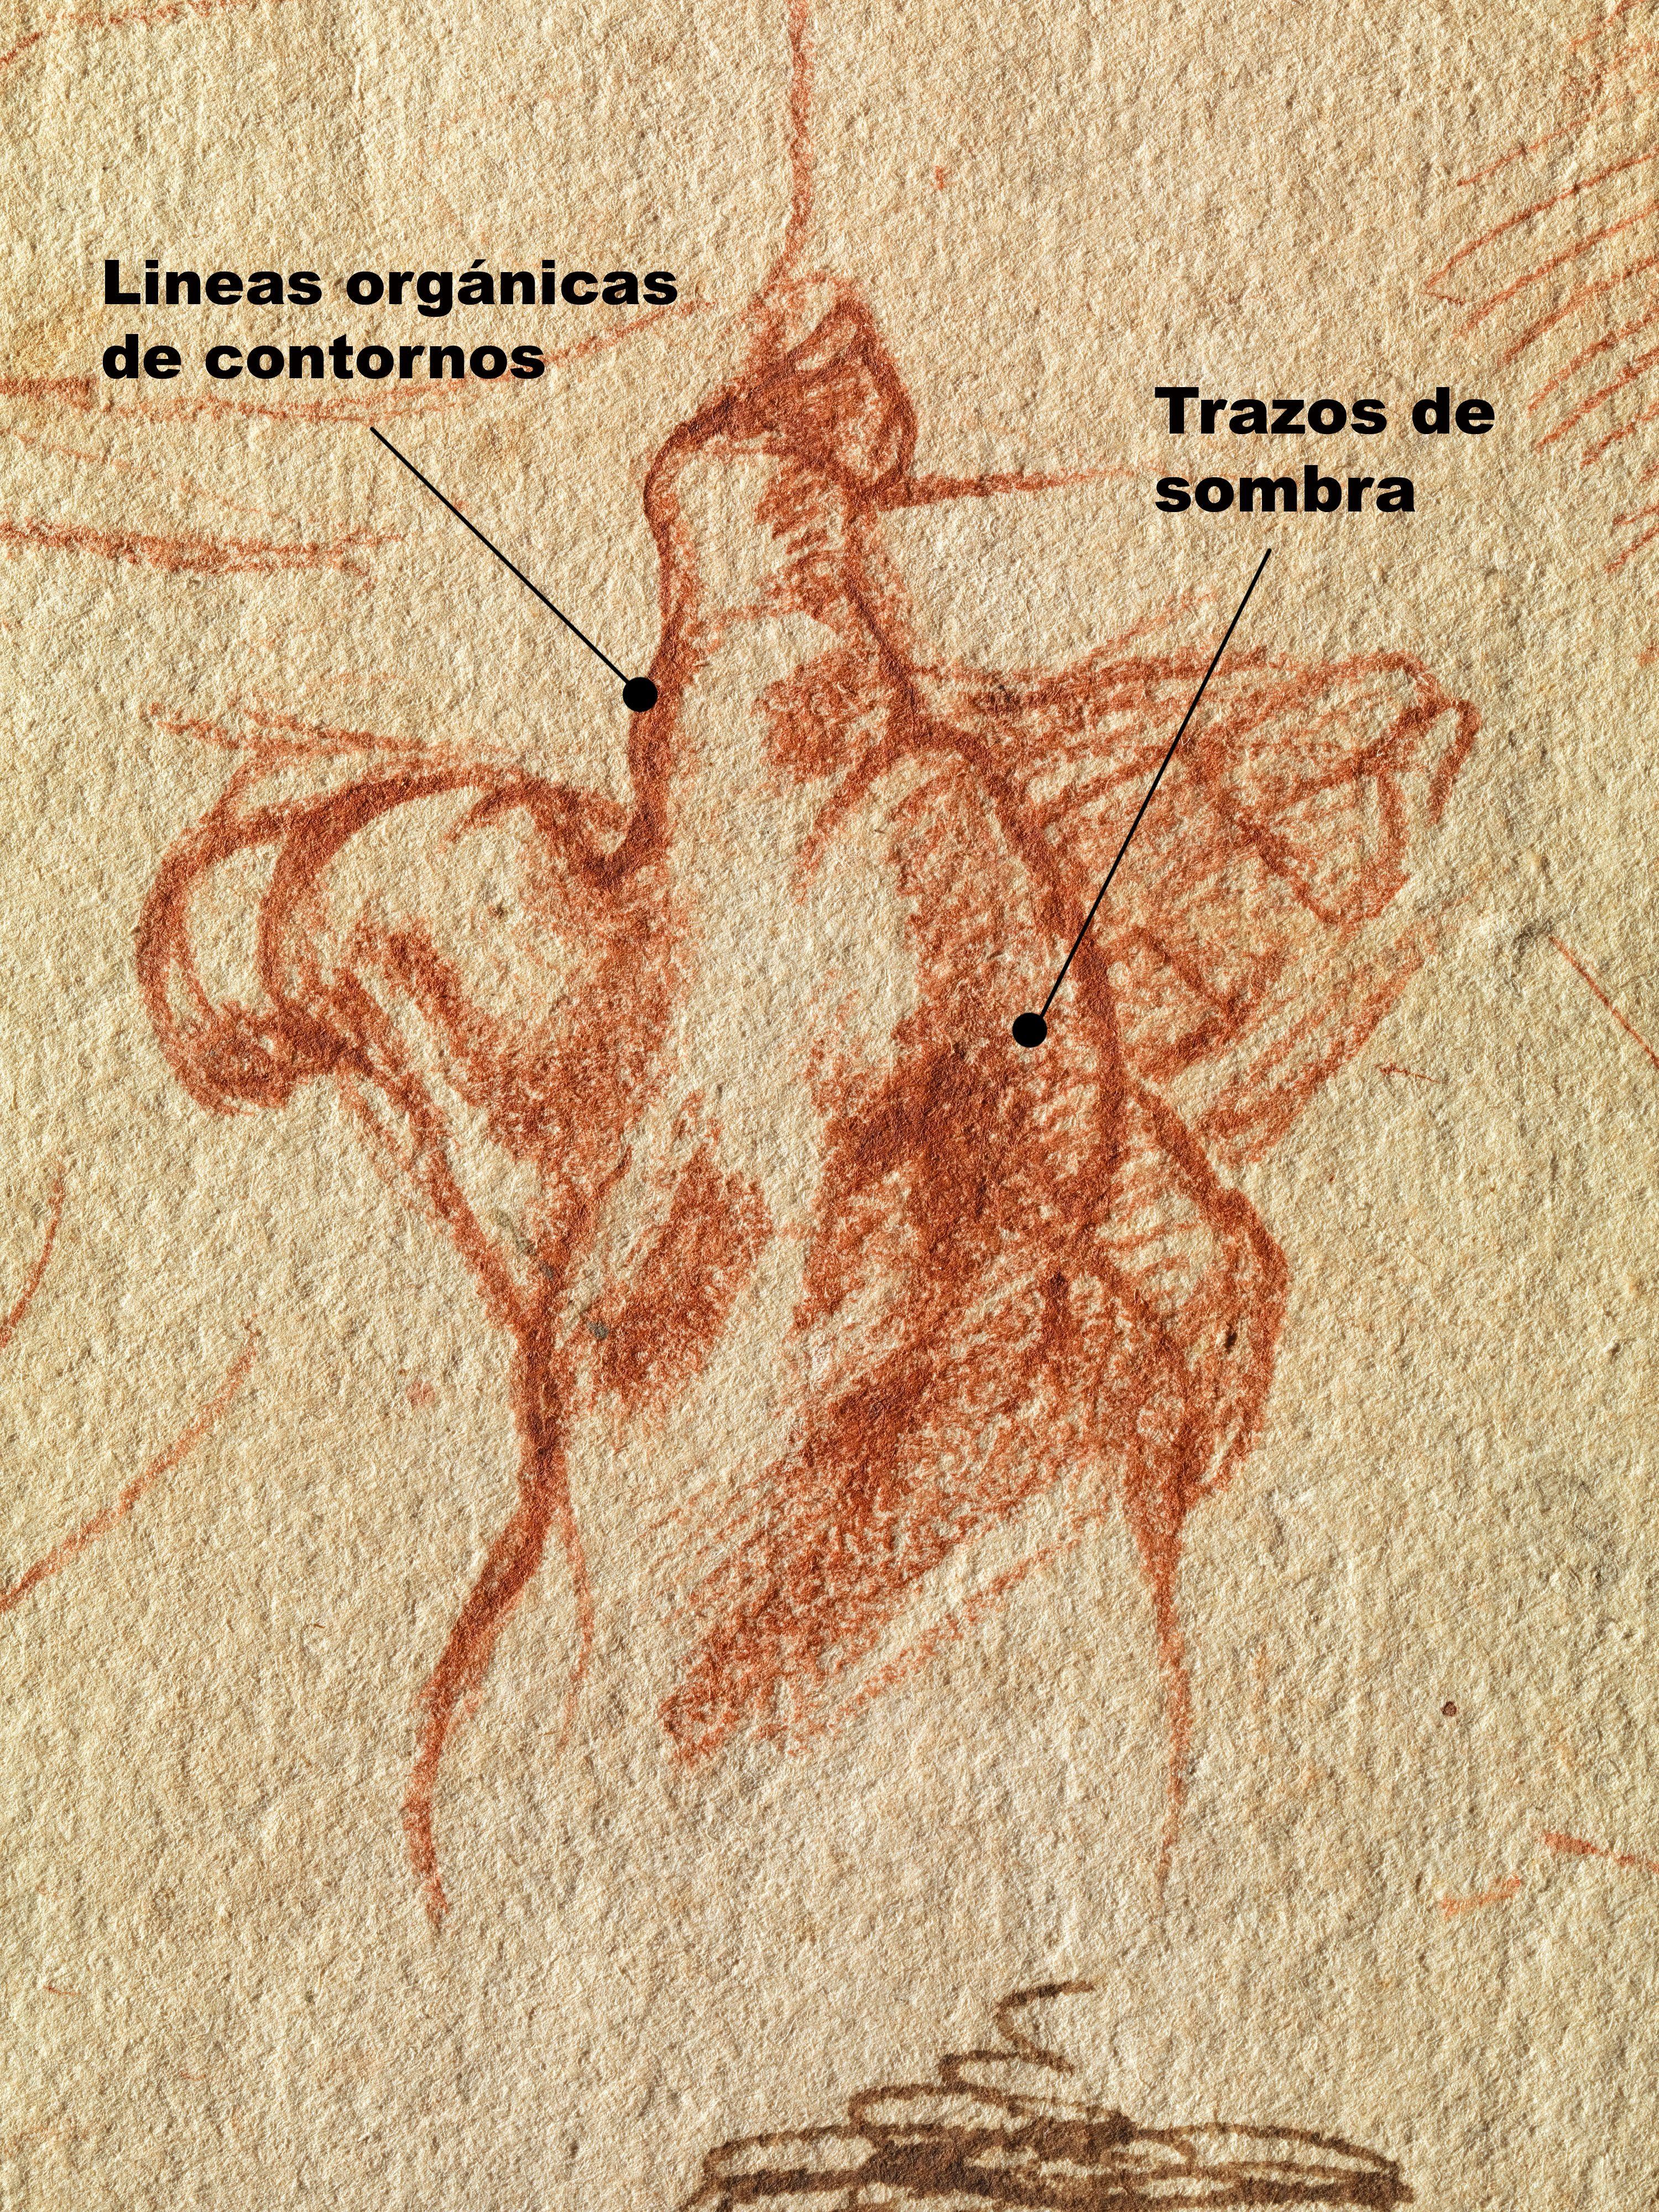 Dibujo Clasico Pinturas Realistas Anatomia Para Artistas Dibujo Basico